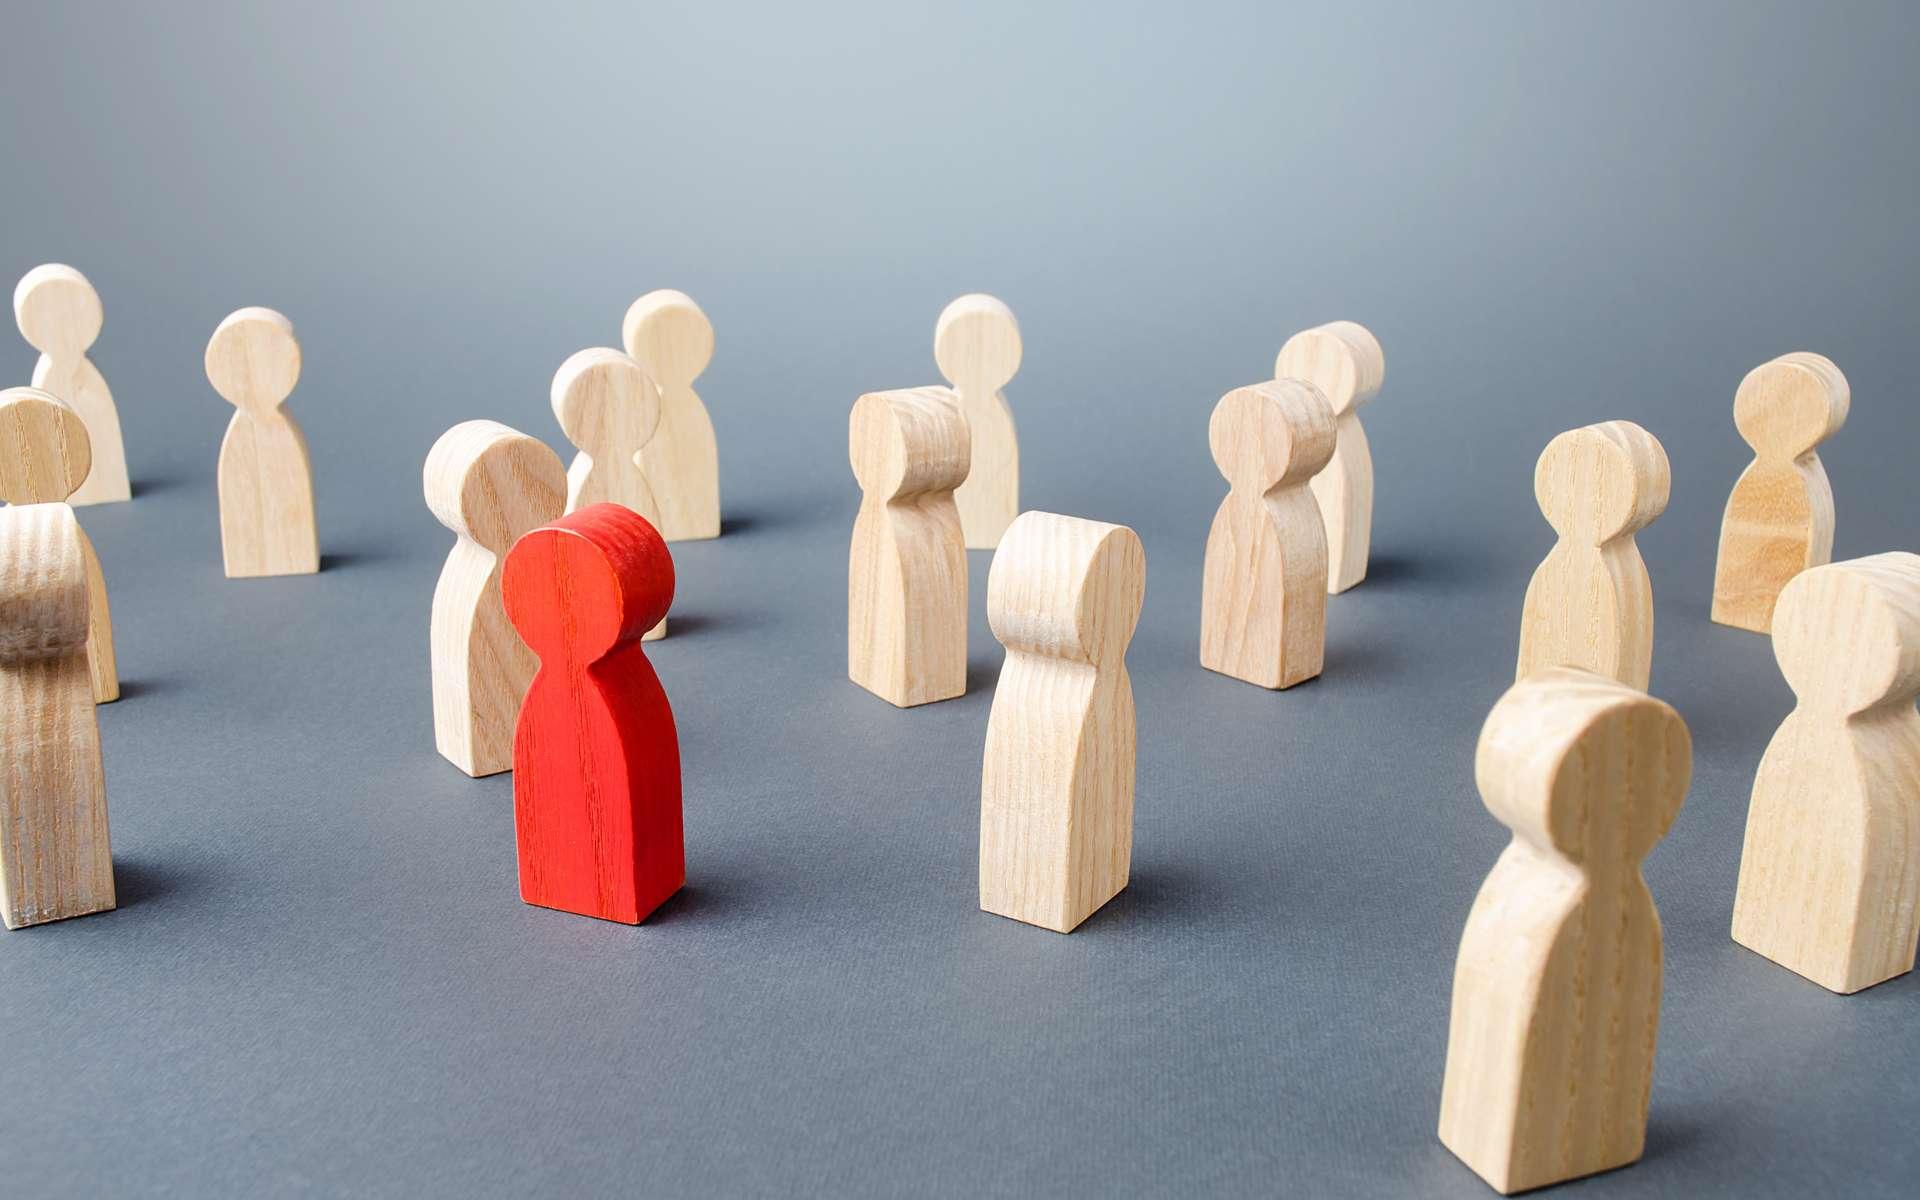 L'immunité collective est aussi appelée immunité grégaire, immunité de groupe ou immunité de communauté. © Андрей Яланский, Adobe Stock